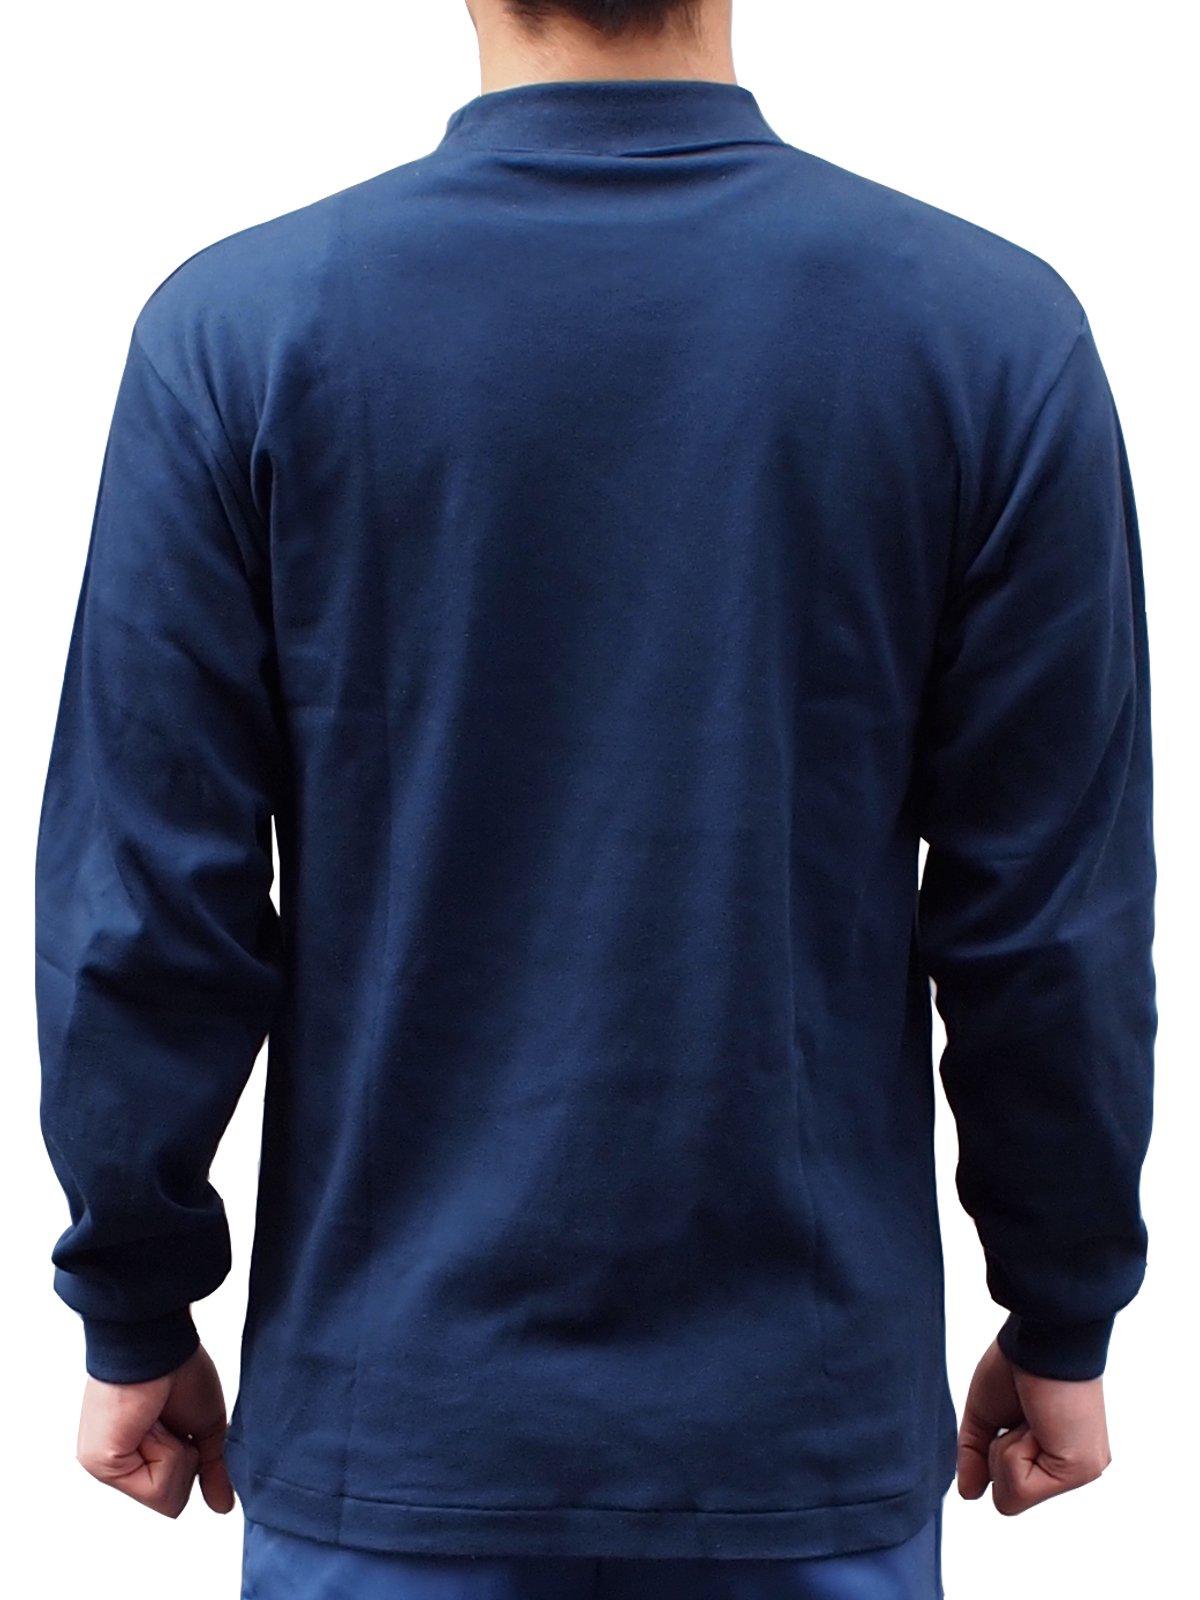 紺長袖パルパーTシャツ【画像2】